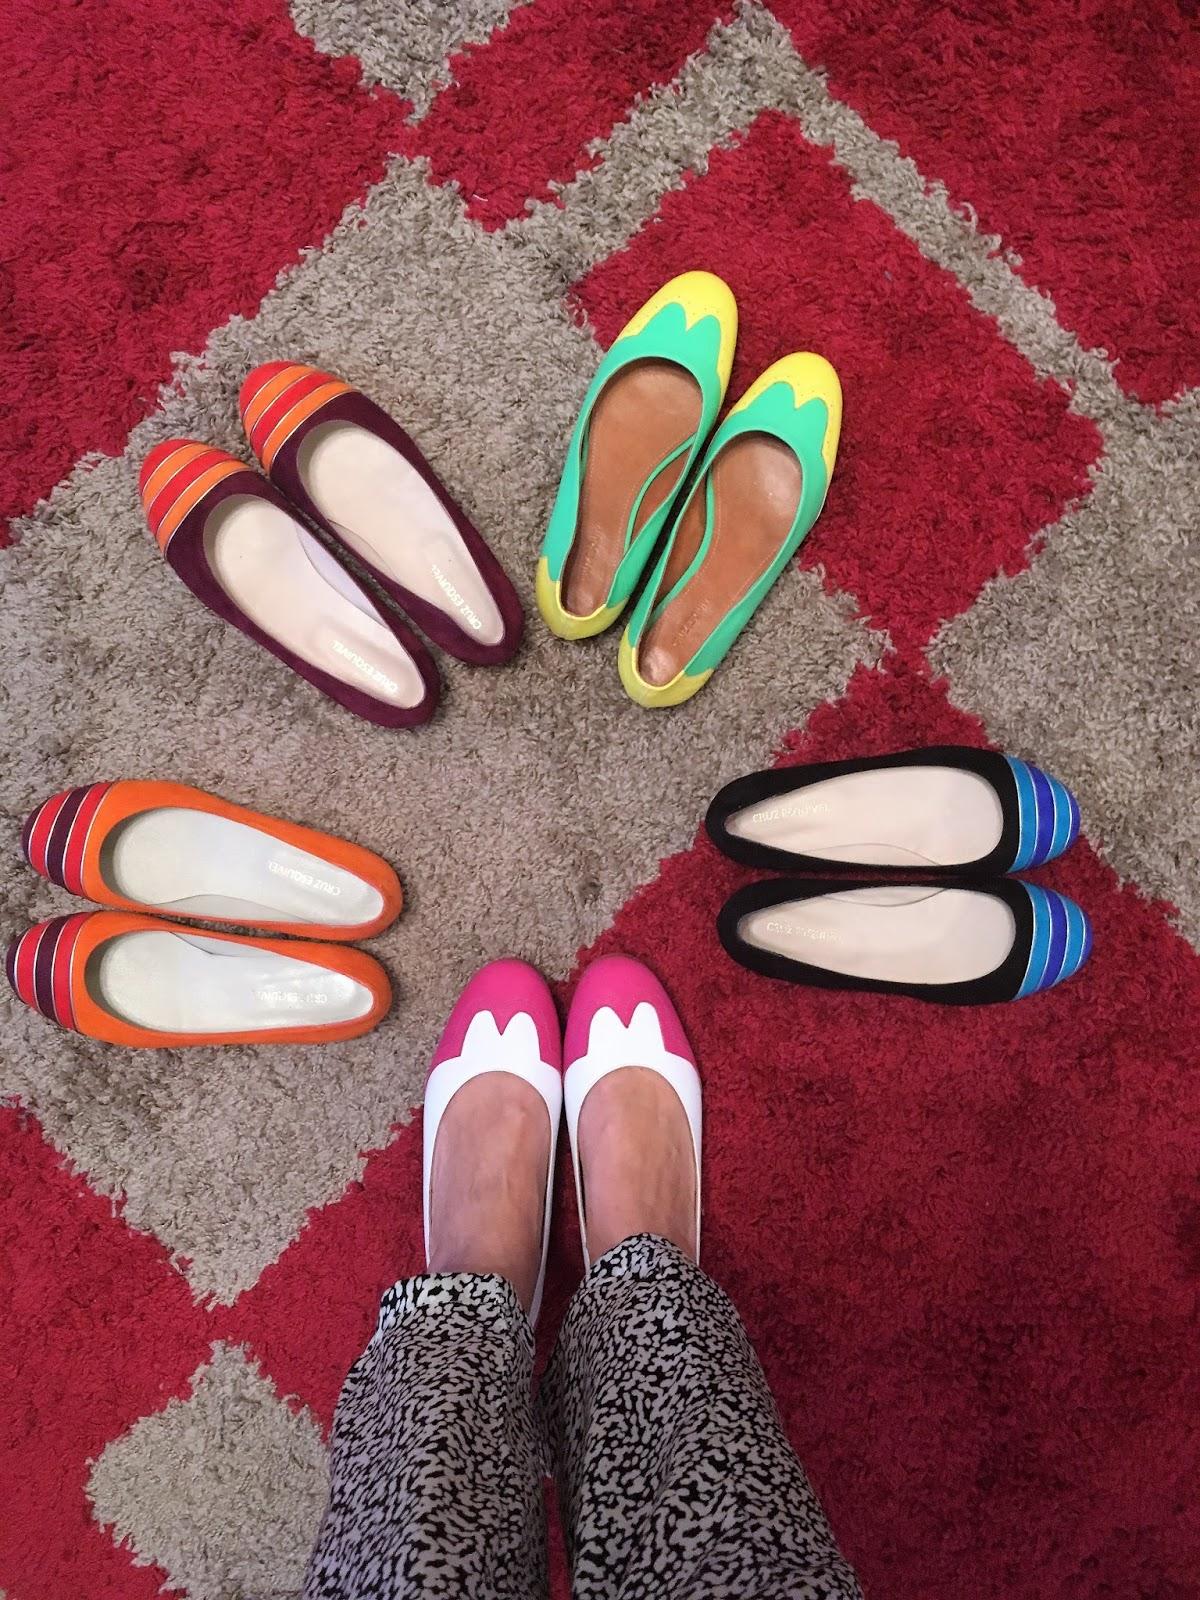 Todos los zapatos están realizados en cuero por dentro y por fuera  con  excelentes terminaciones y muchos de ellos cuentan con apliques de pedrería  y ... 7f4687e5106